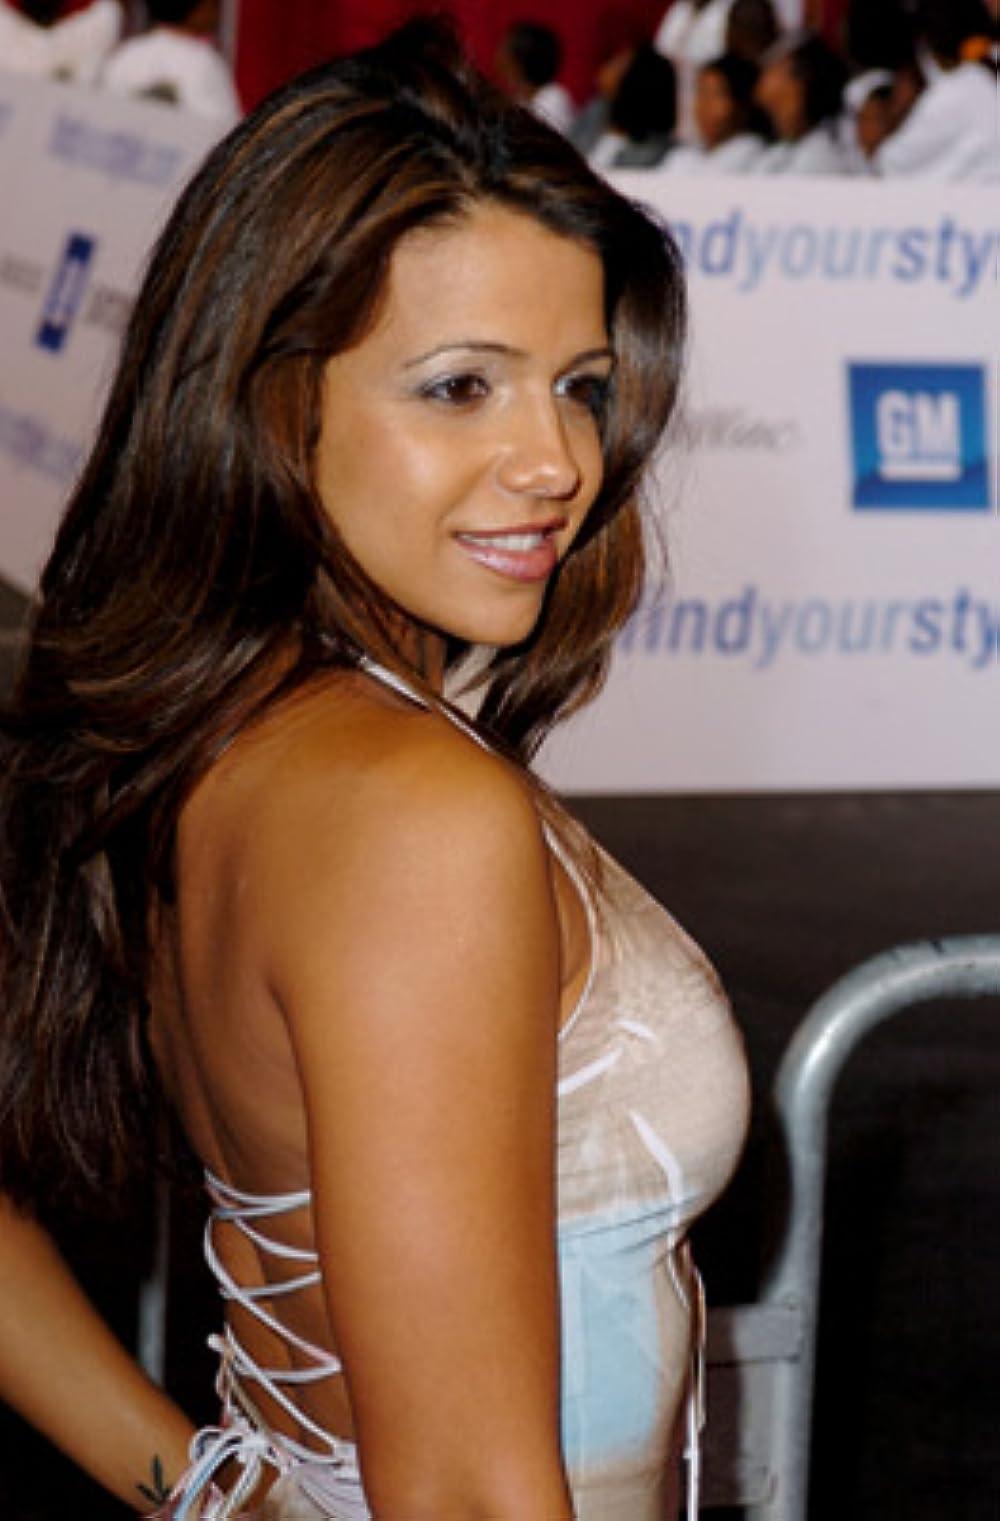 Hollywood Actress and Model: Vida Guerra